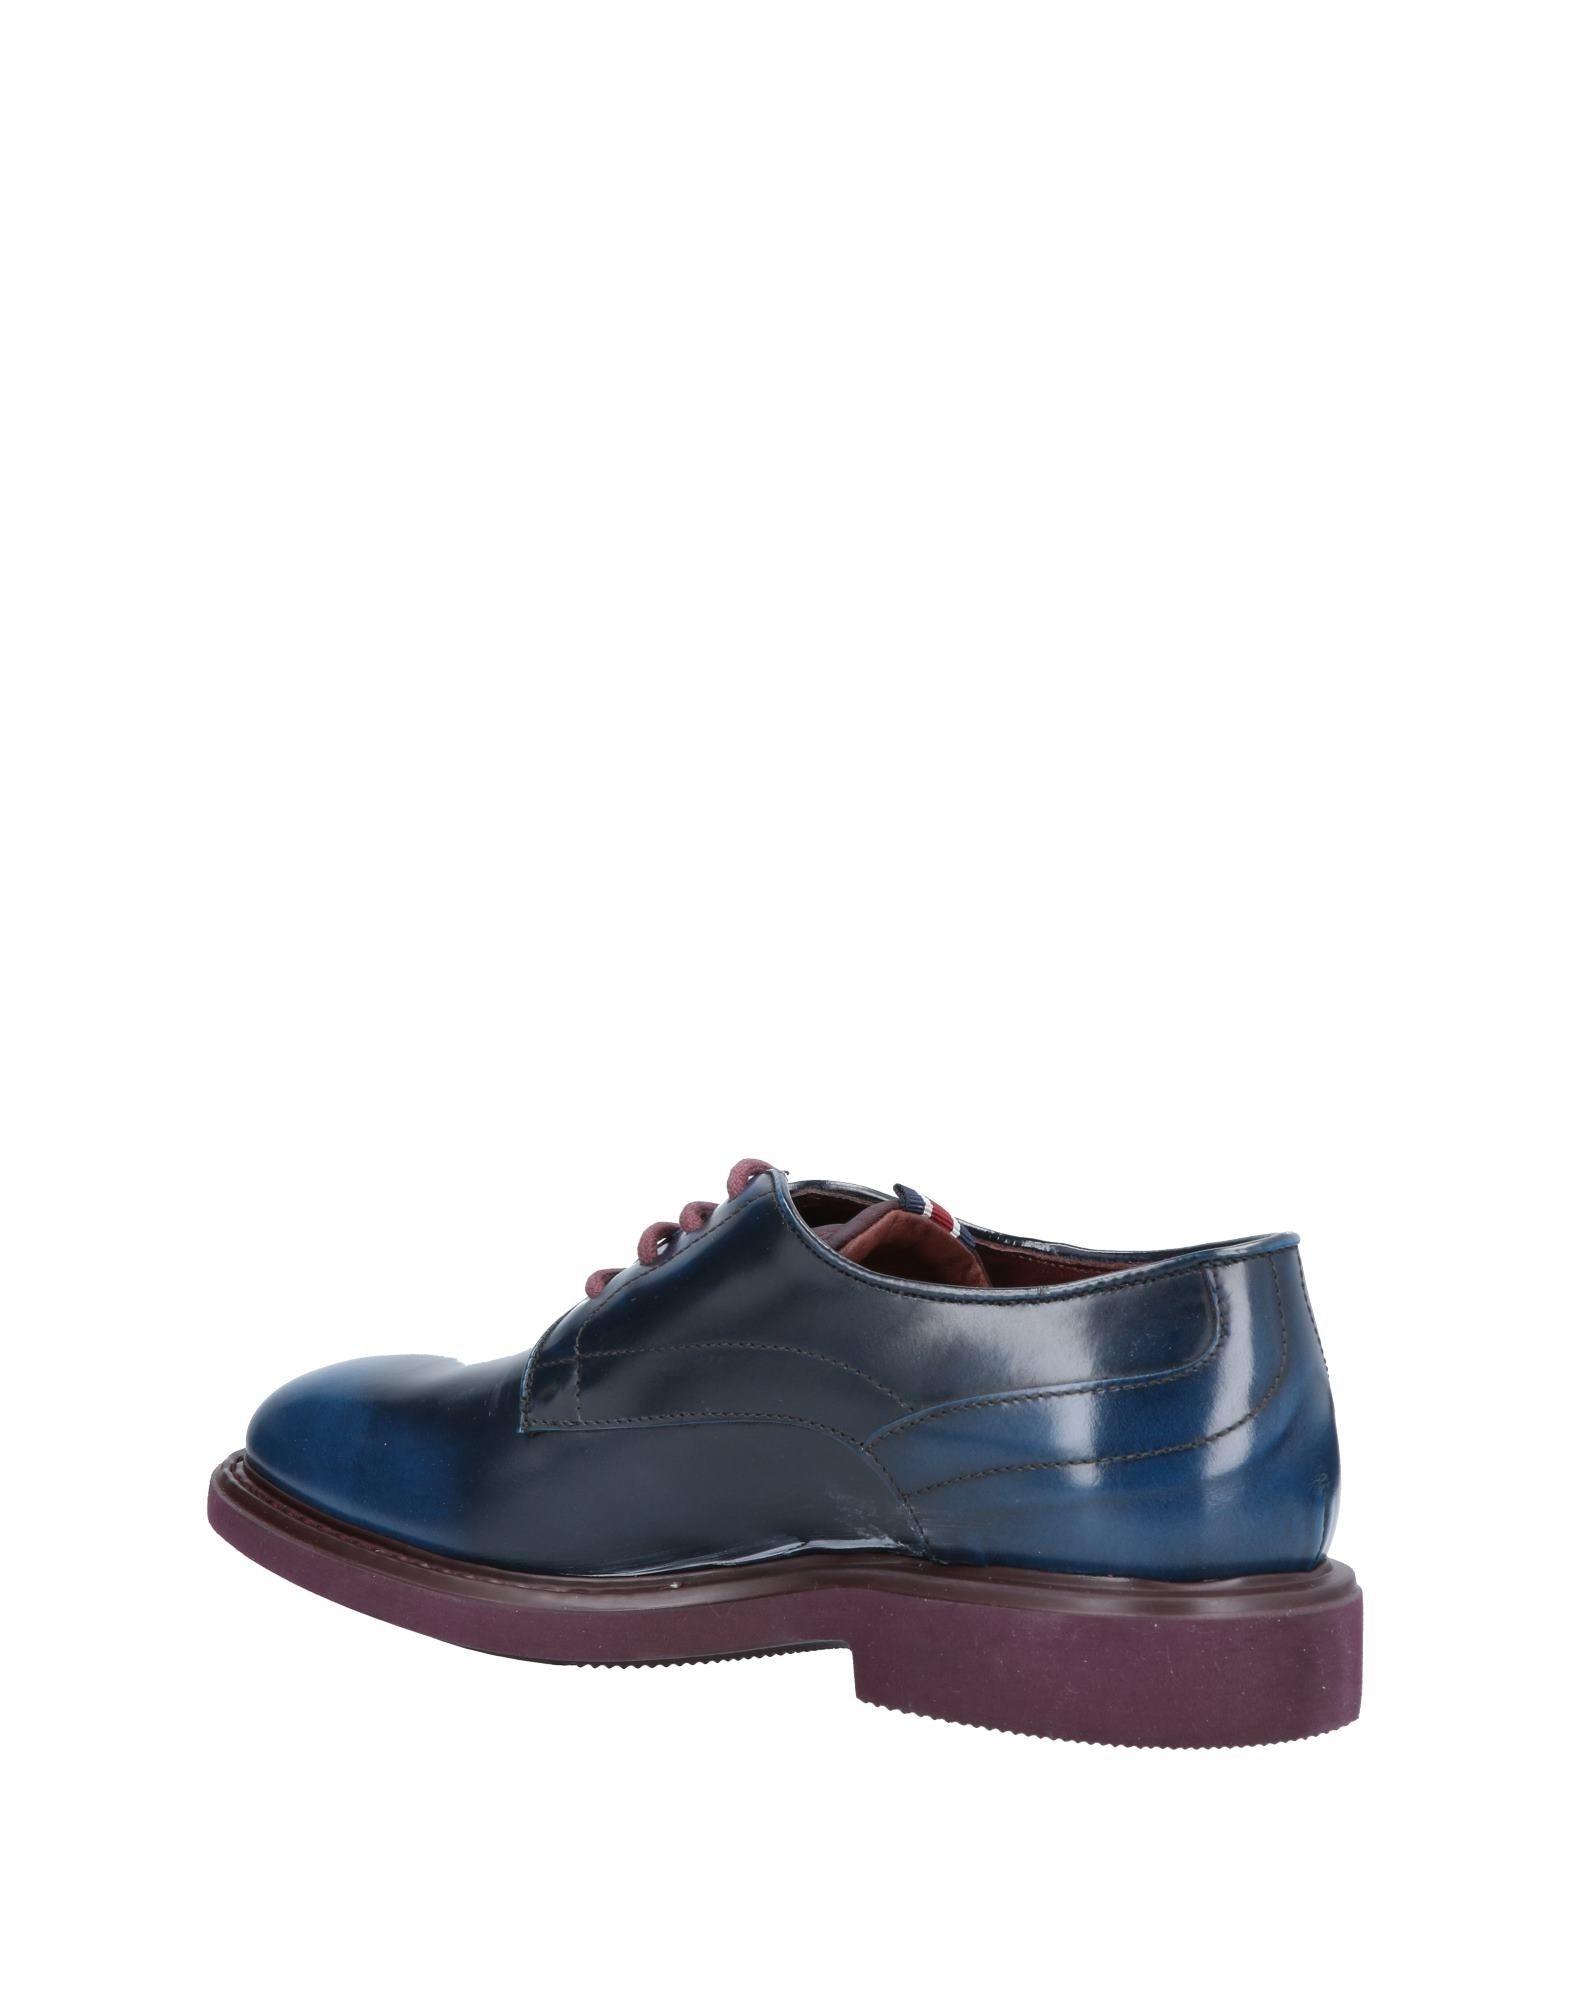 Rabatt echte Schuhe D'Acquasparta Schnürschuhe 11467539NA Herren  11467539NA Schnürschuhe 76b567